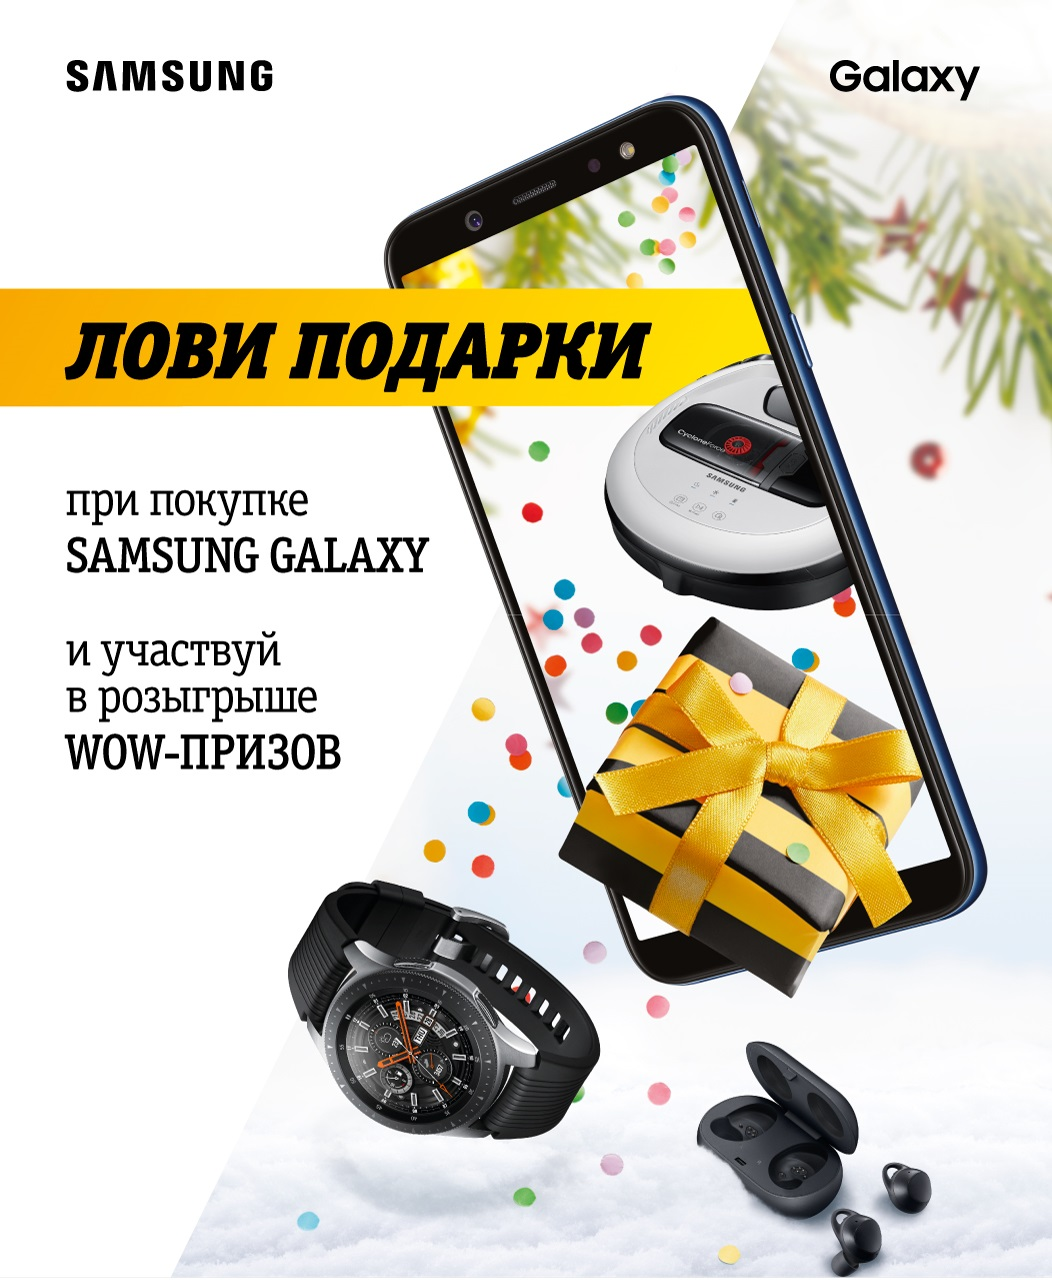 ПАО «ВымпелКом» (бренд Билайн) и Samsung представляют специальную предновогоднюю ак